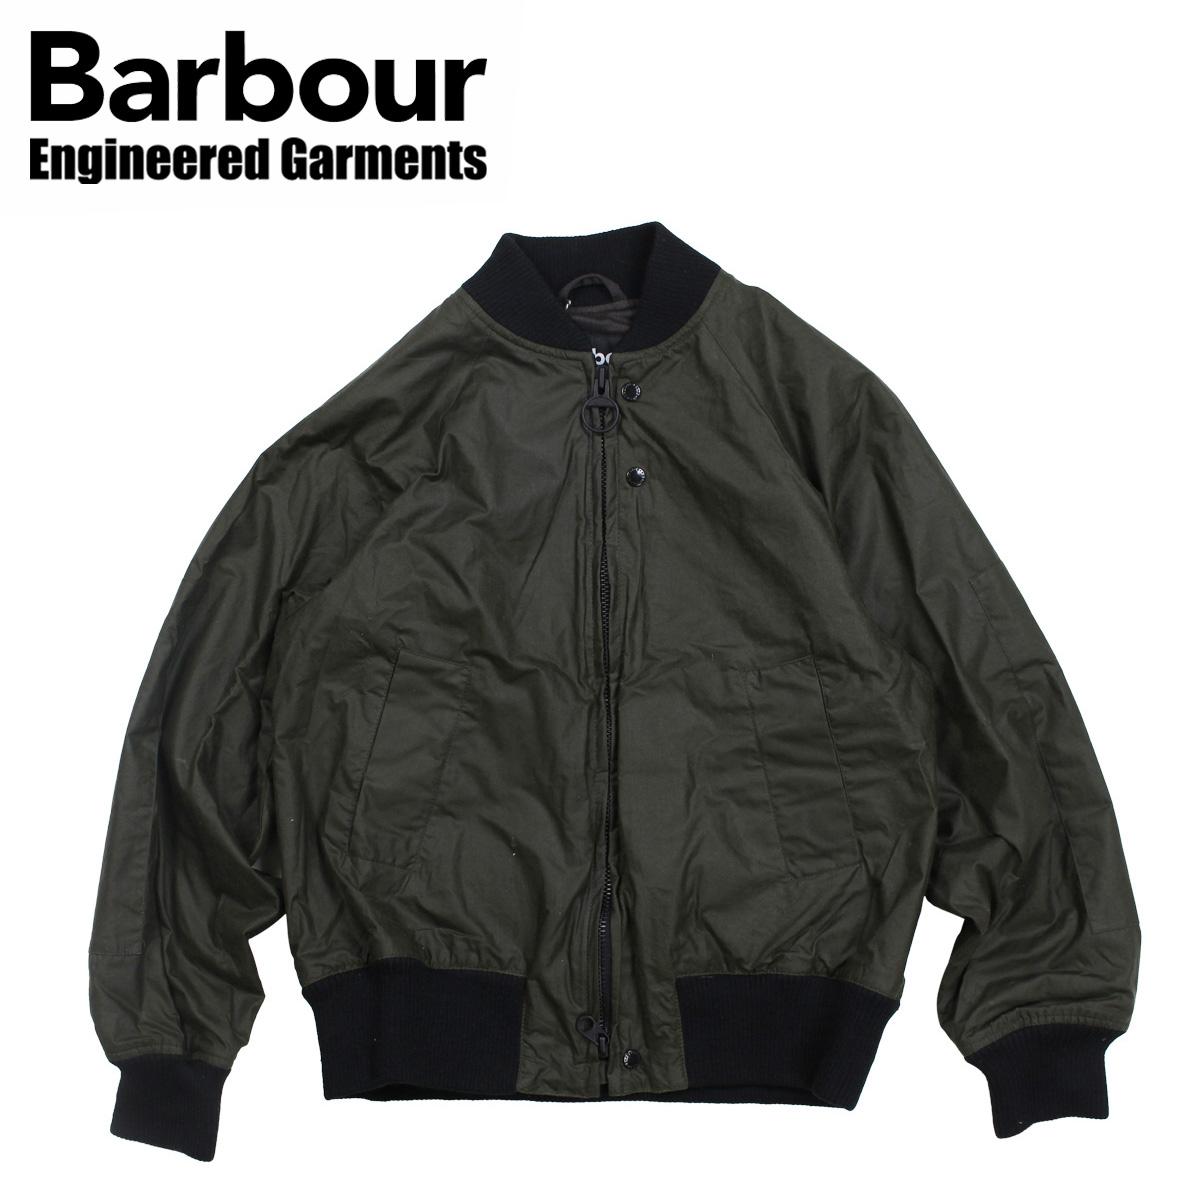 Barbour DUMBO WAXED JACKET バブアー ジャケット ワックス メンズ ワックスジャケット オリーブ MWX1435